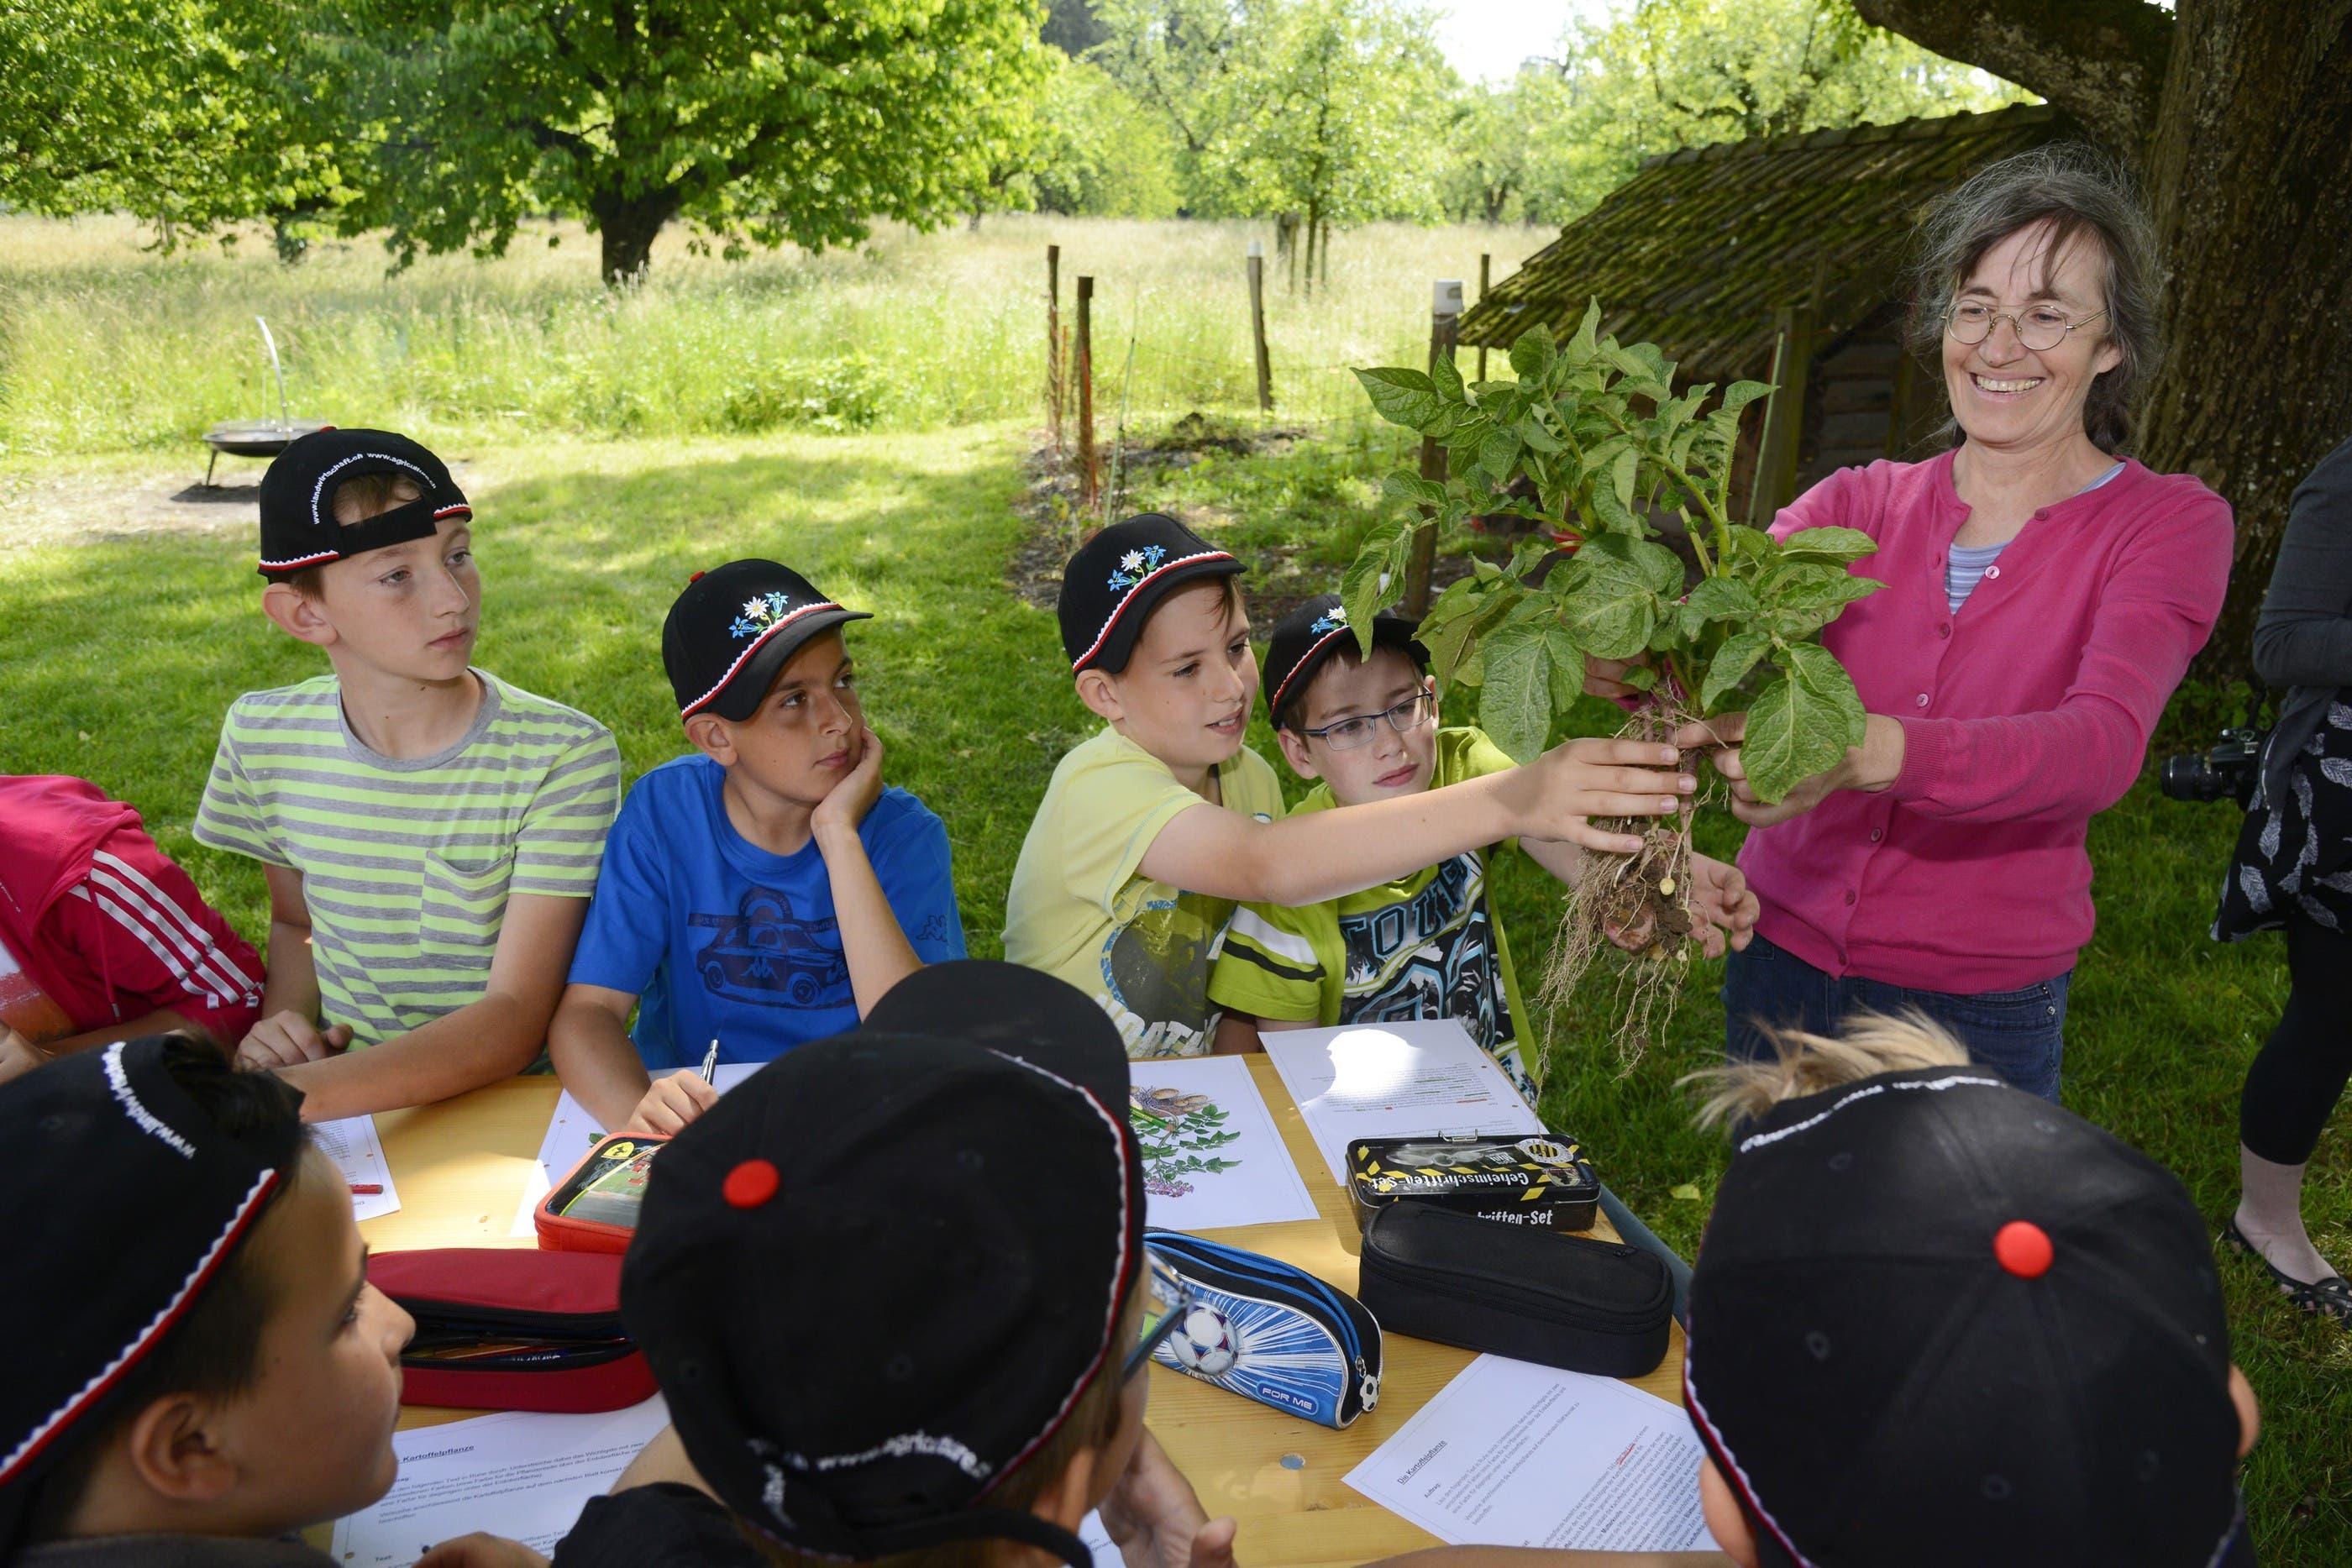 Diese Pflanze haben die Schüler auf dem grossen Kartoffelfeld ausgegraben. Jetzt wird sie genauer angeschaut.